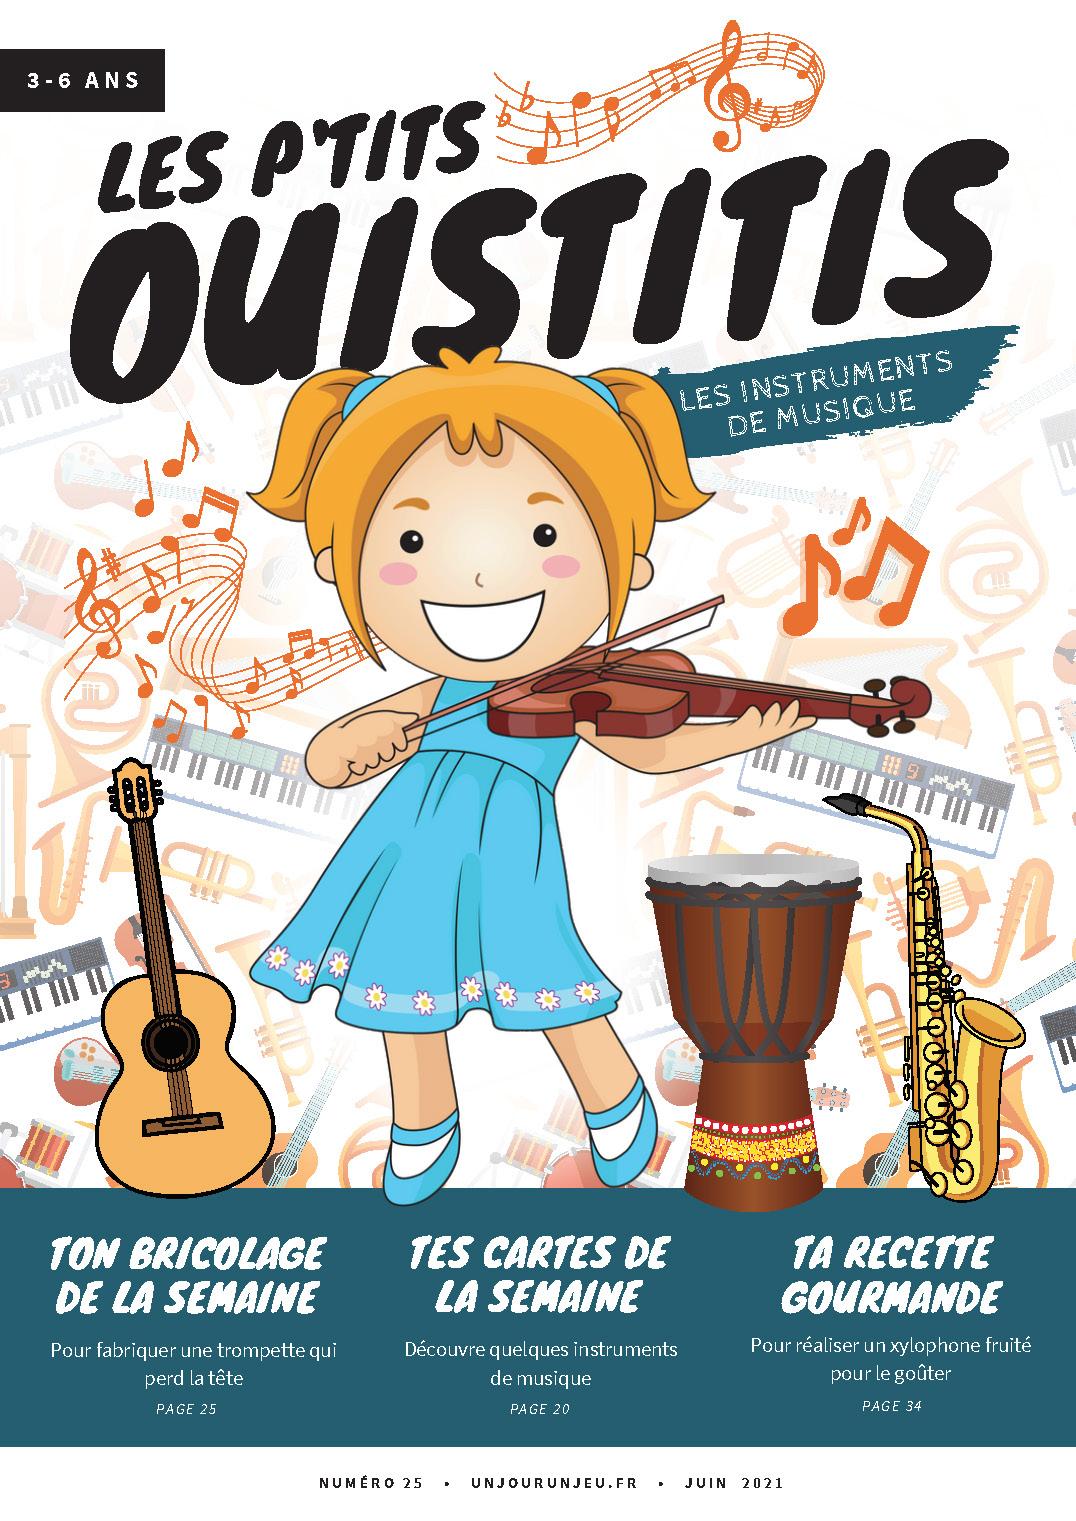 Les P'tits Ouistitis et les instruments de musique